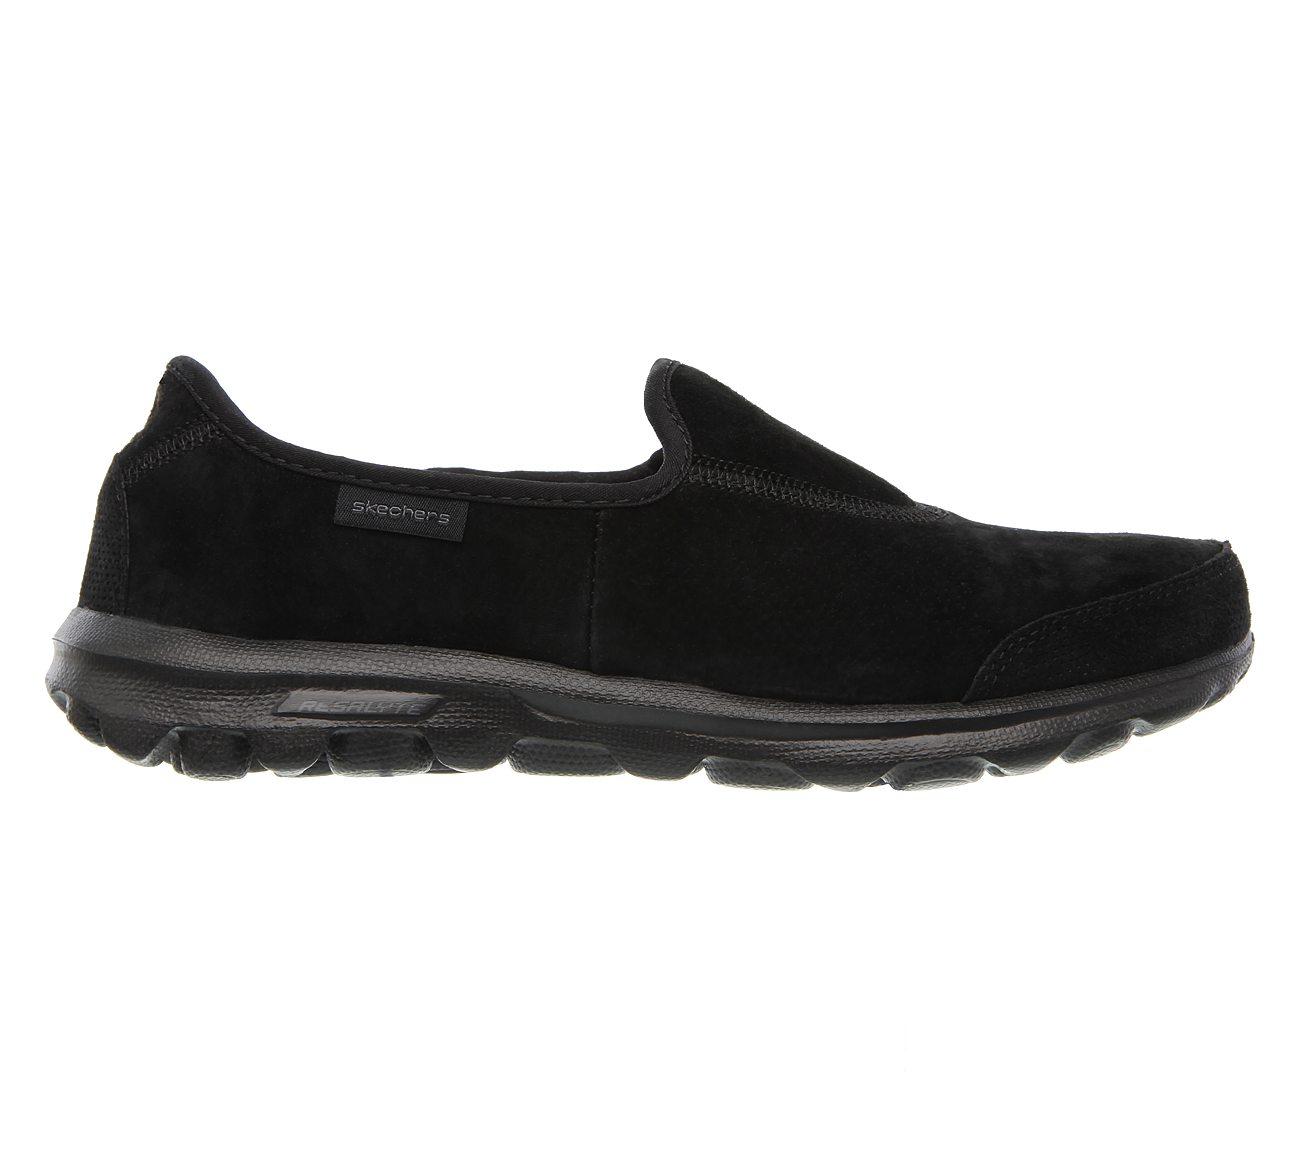 Skechers GOwalk - Winter Skechers